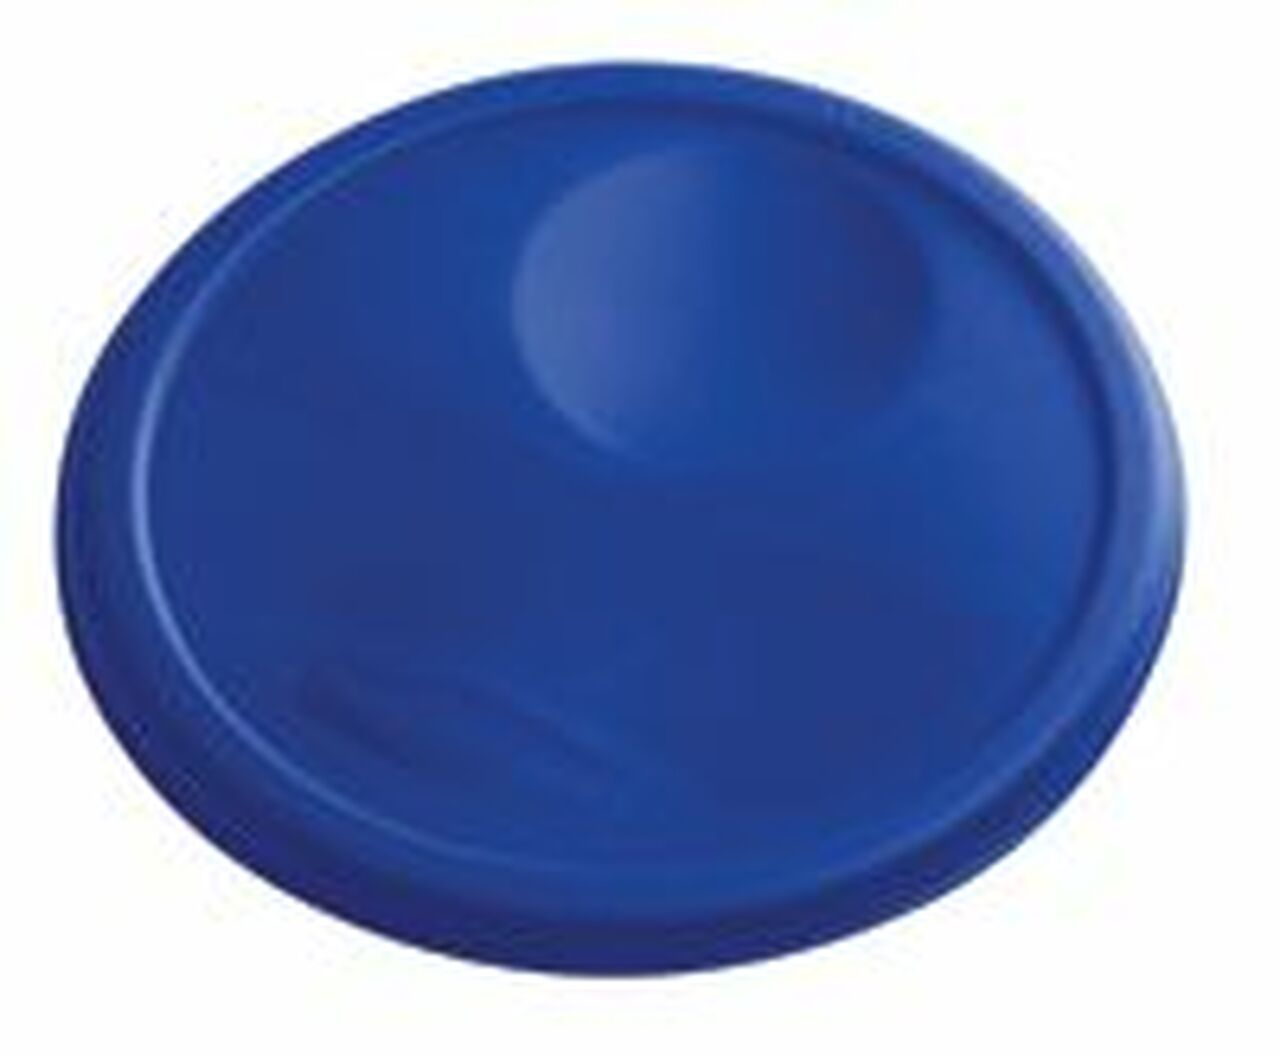 Rubbermaid Round Container Lid - Medium Blue